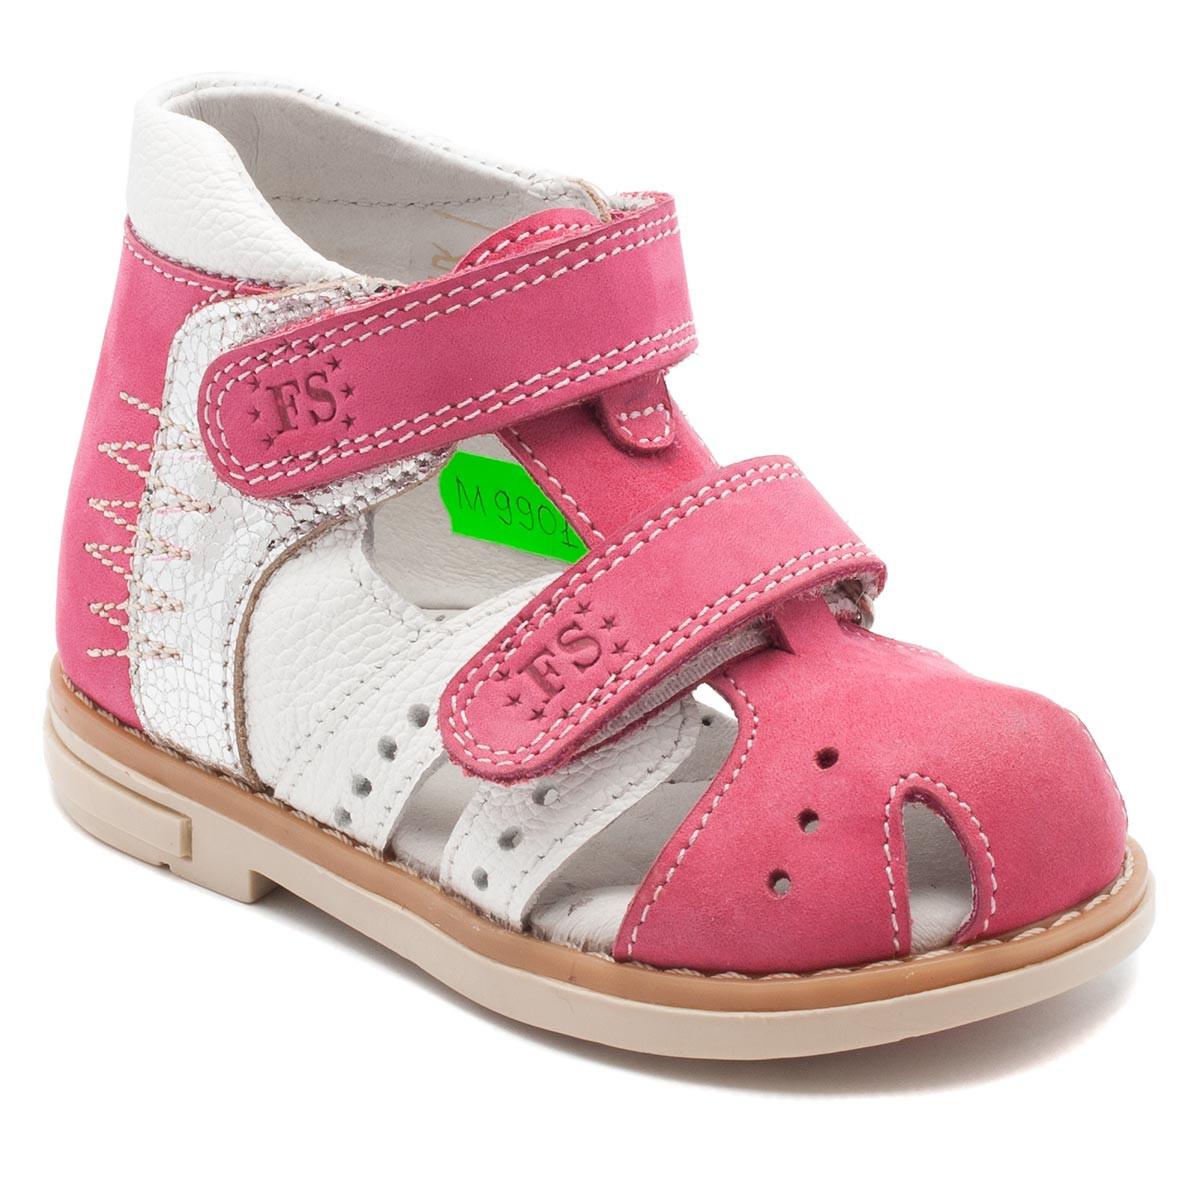 Профилактические босоножки FS Сollection для девочки, розовые, размер 20-28